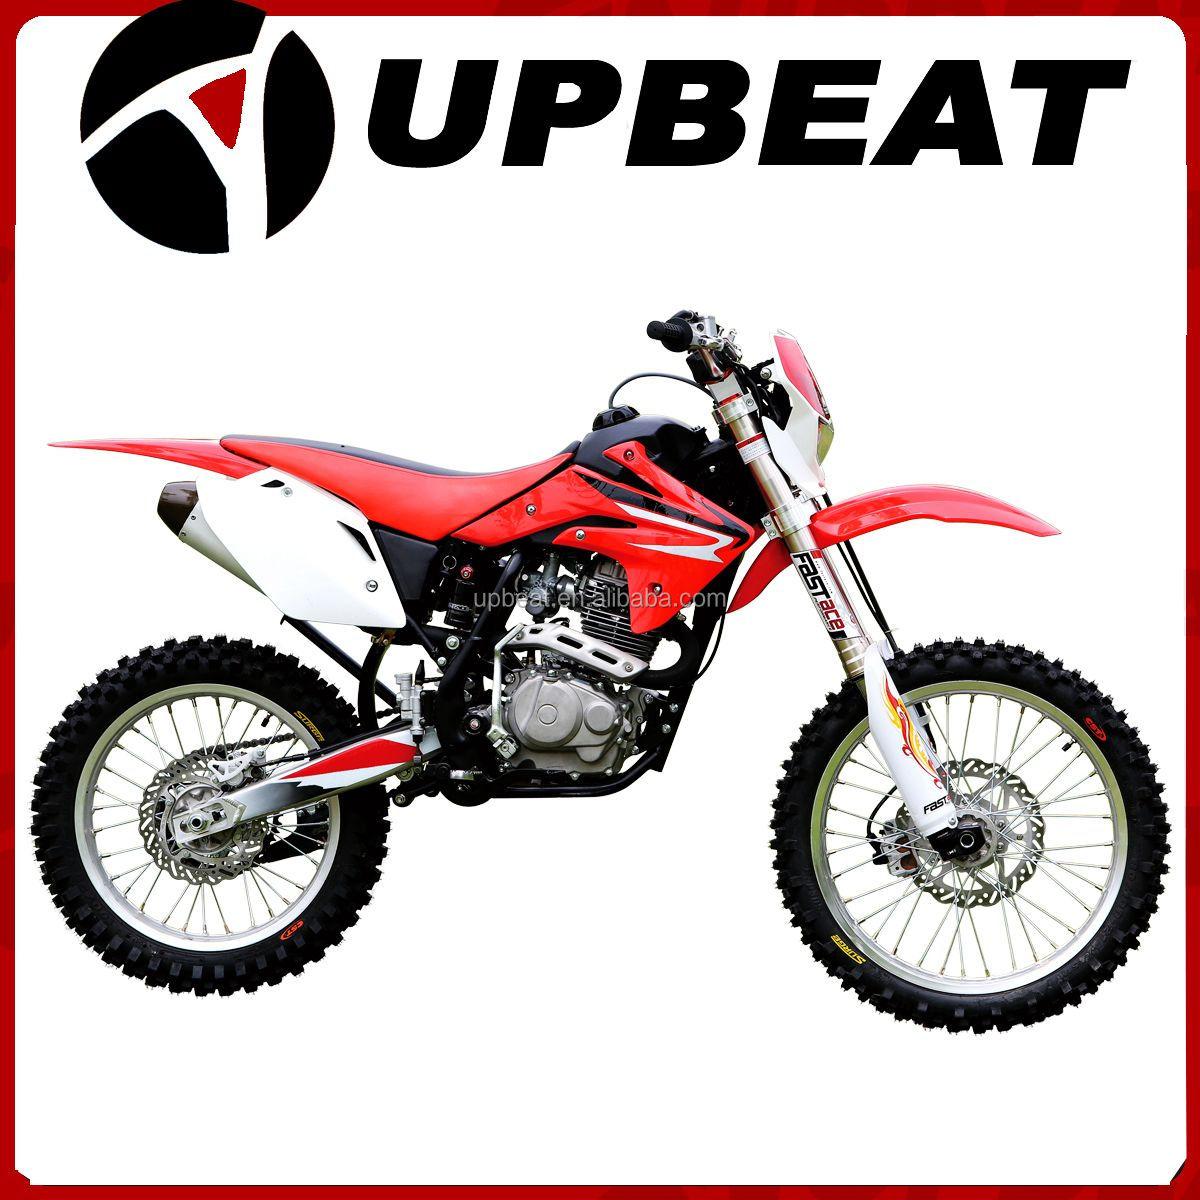 dirt bike 250cc engine 4 stroke single cylinder for cheap. Black Bedroom Furniture Sets. Home Design Ideas